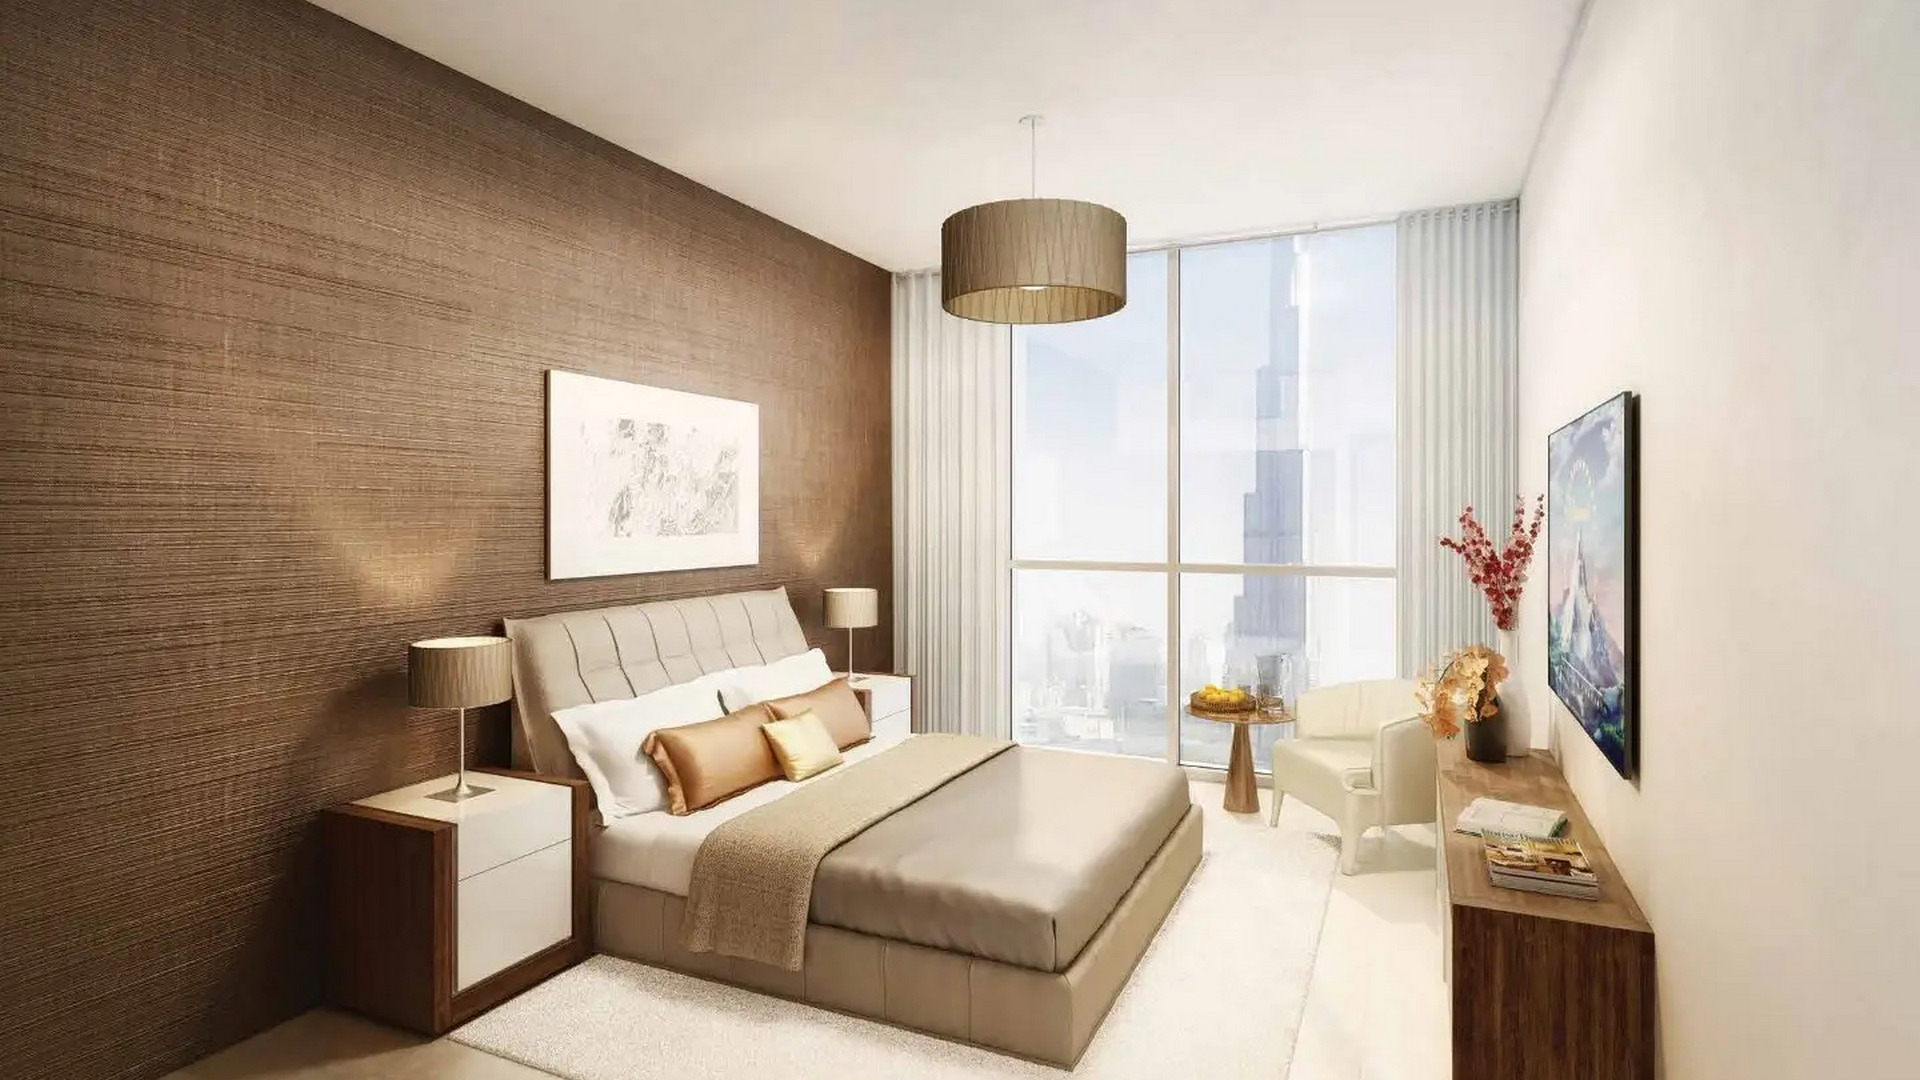 Apartment for sale in Dubai, UAE, 1 bedroom, 68 m2, No. 23884 – photo 1